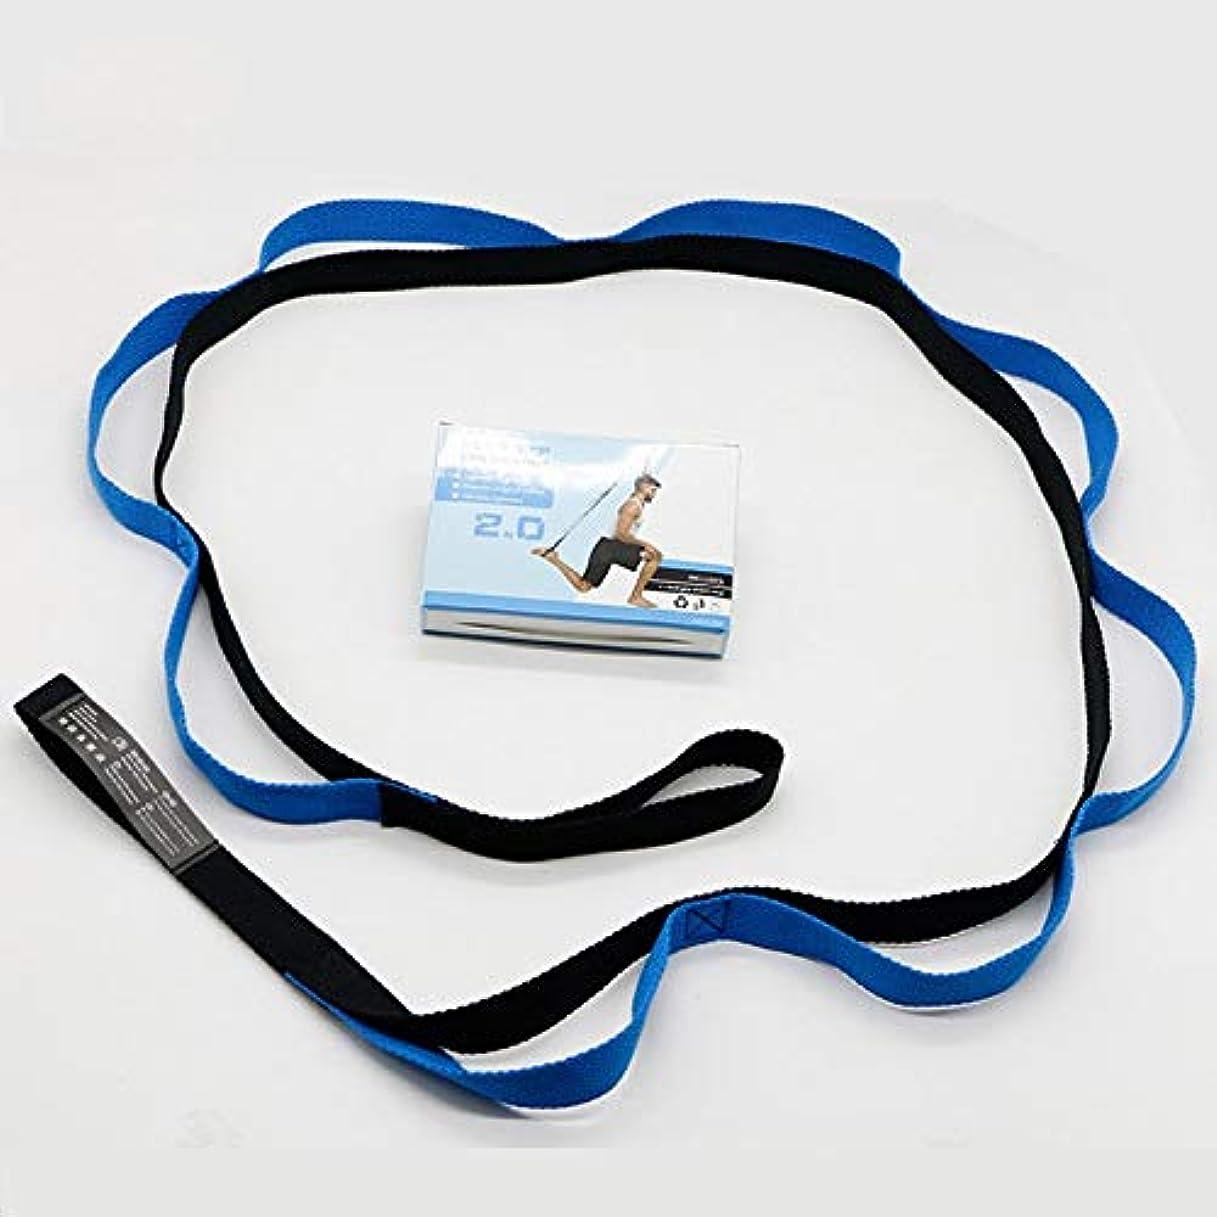 生産性許される部分的にフィットネスエクササイズジムヨガストレッチアウトストラップ弾性ベルトウエストレッグアームエクステンションストラップベルトスポーツユニセックストレーニングベルトバンド - ブルー&ブラック